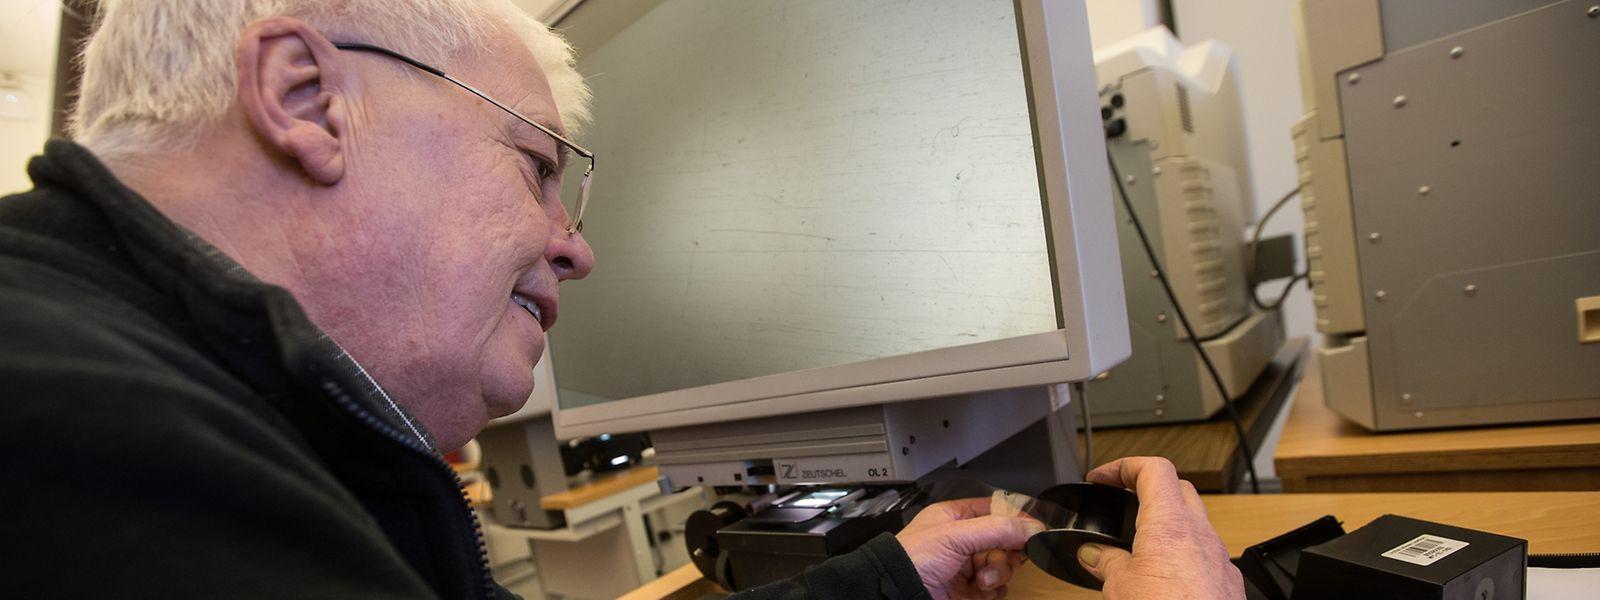 Rolle einlegen, drehen und suchen. Für Raymond aus Walferdingen hat die Arbeit mit den Mikrofilmen in unserer digitalen Zeit durchaus ihren besonderen, entspannenden Reiz.